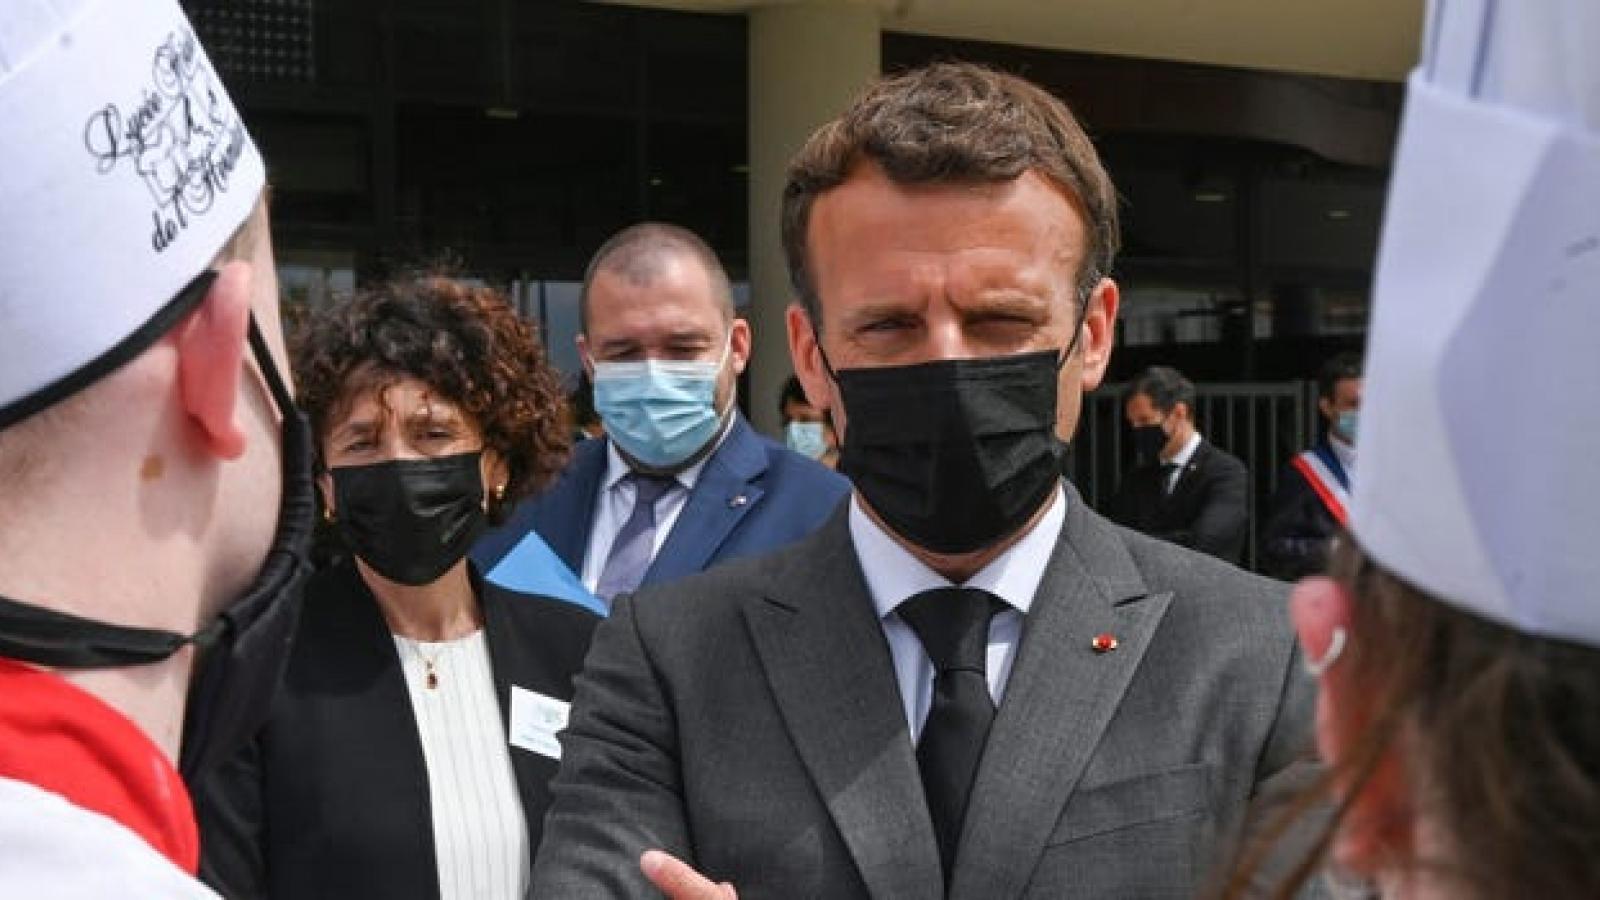 Video: Tổng thống Pháp Macron bị tát vào mặt khi gặp gỡ công chúng